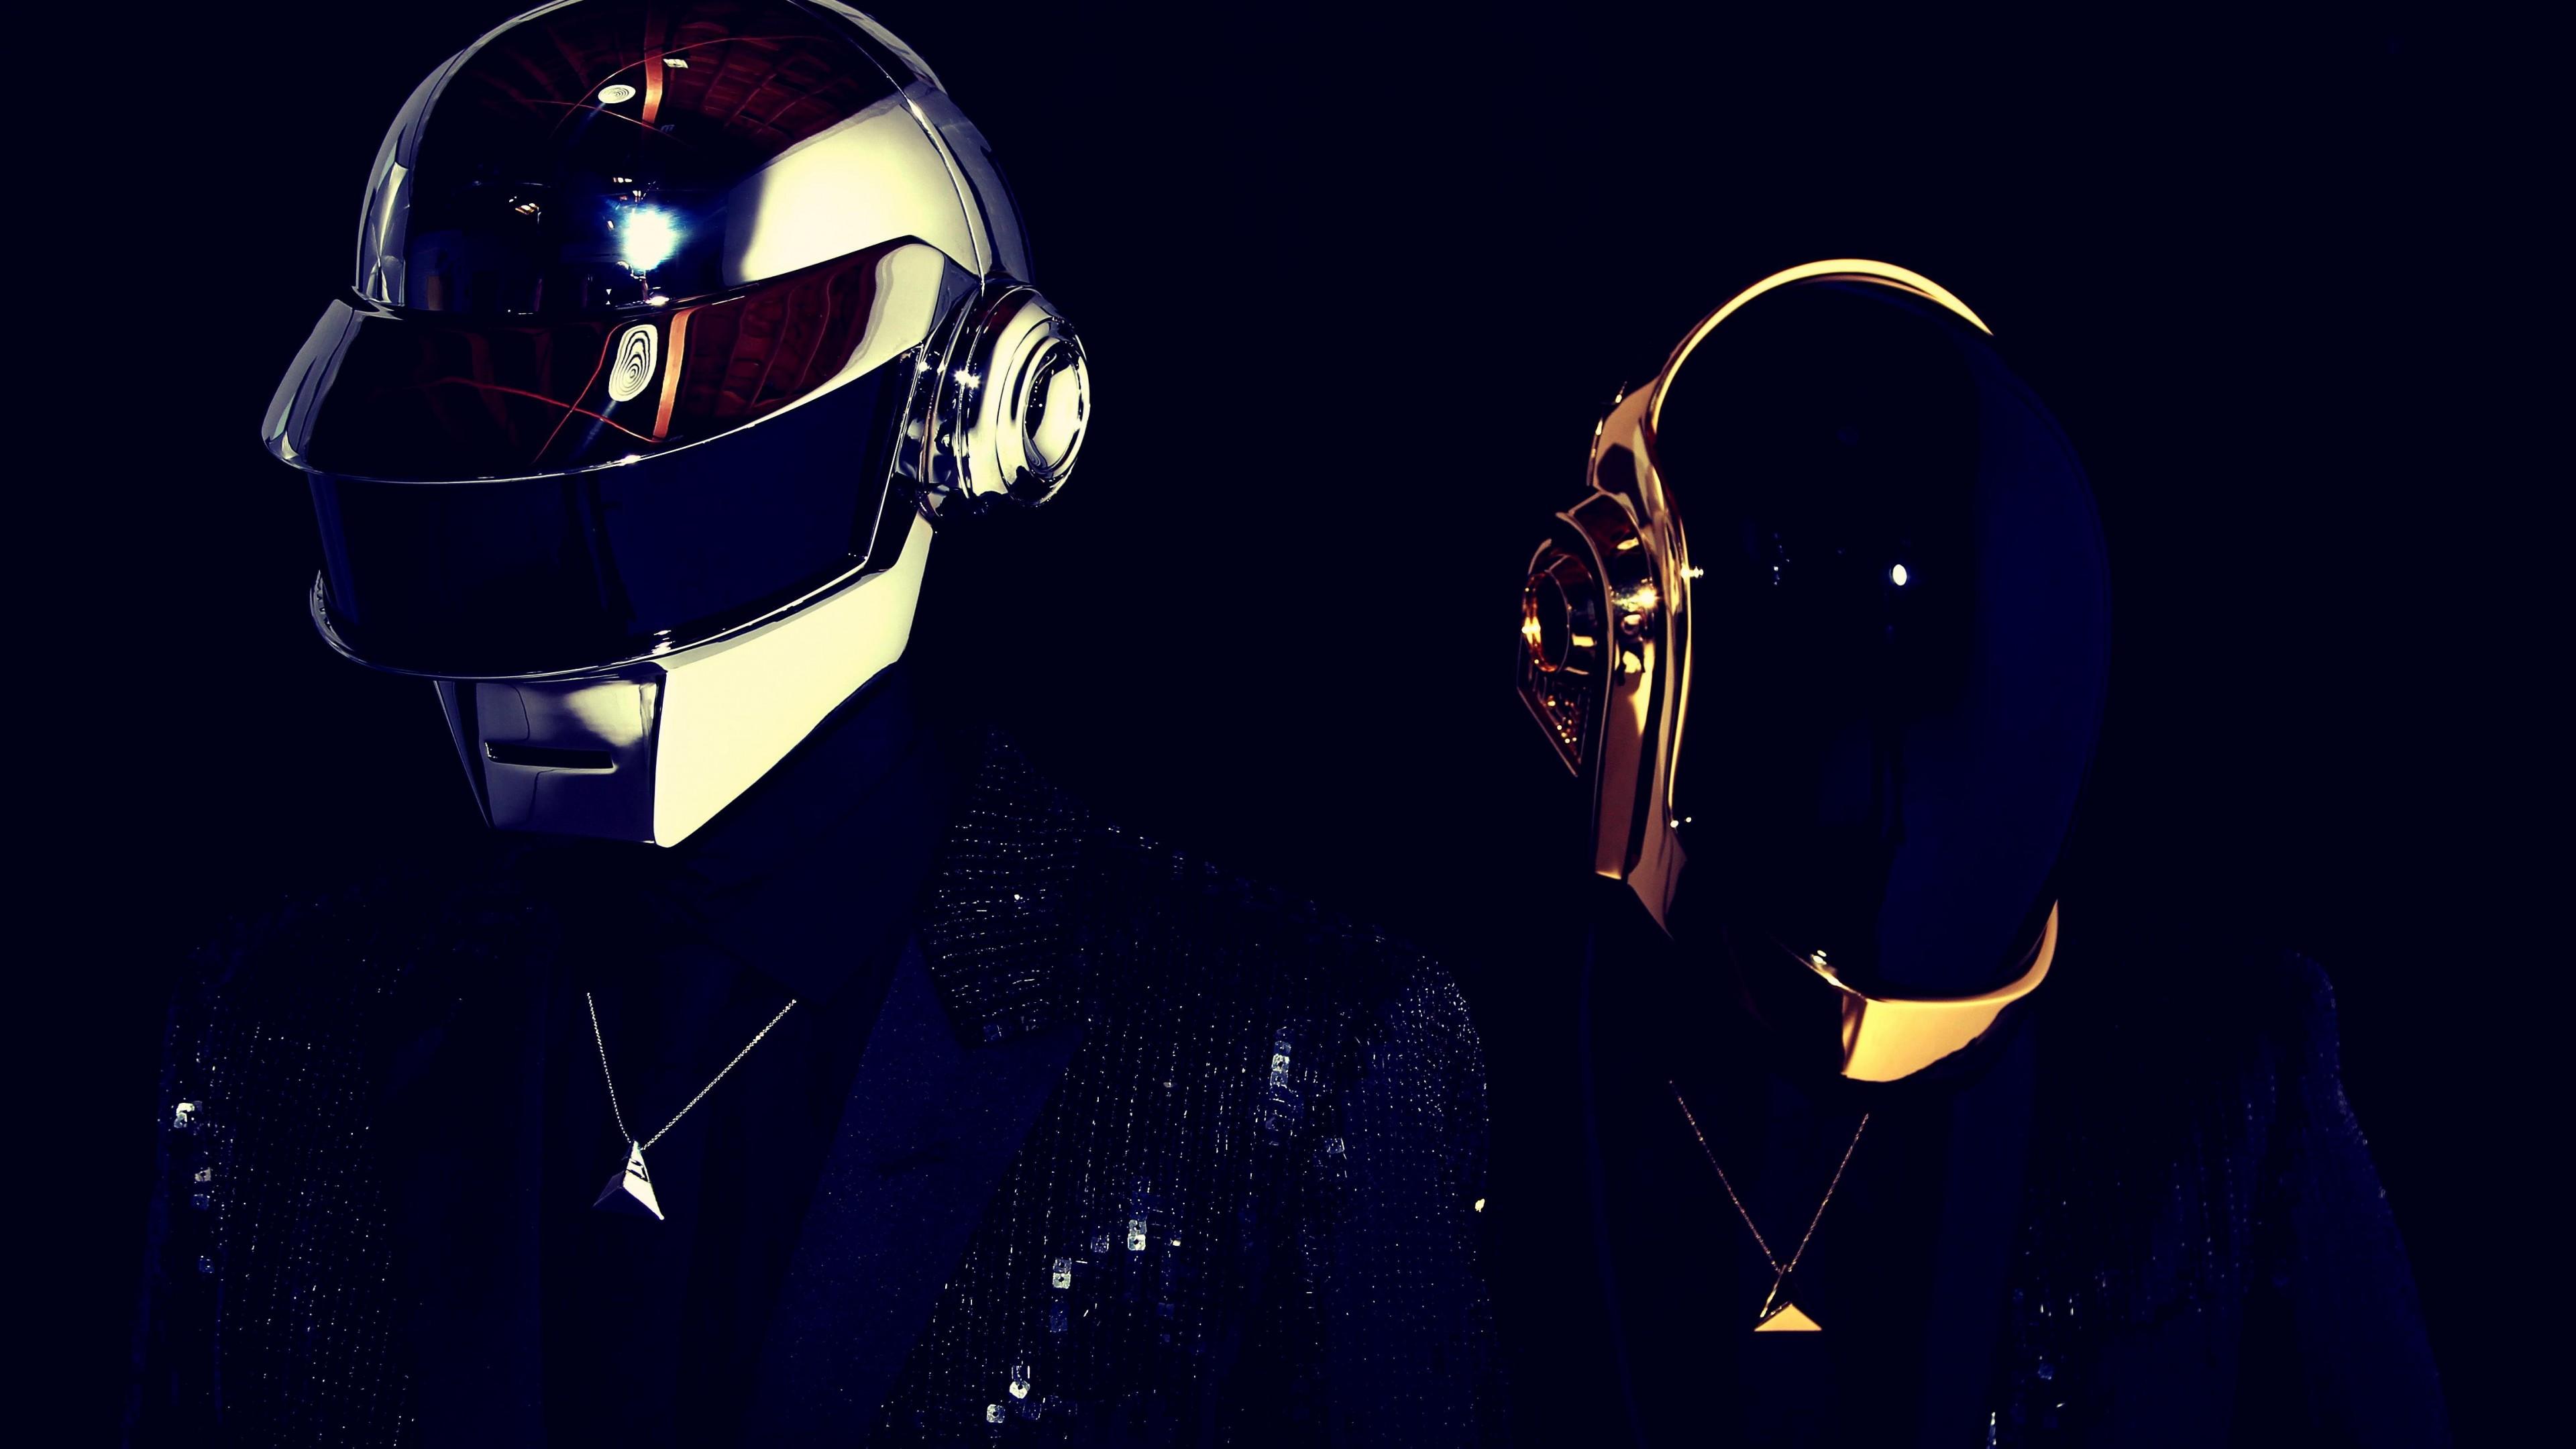 Роботы в шлемах и очках в отблесках и бликах  звездной Вселенной